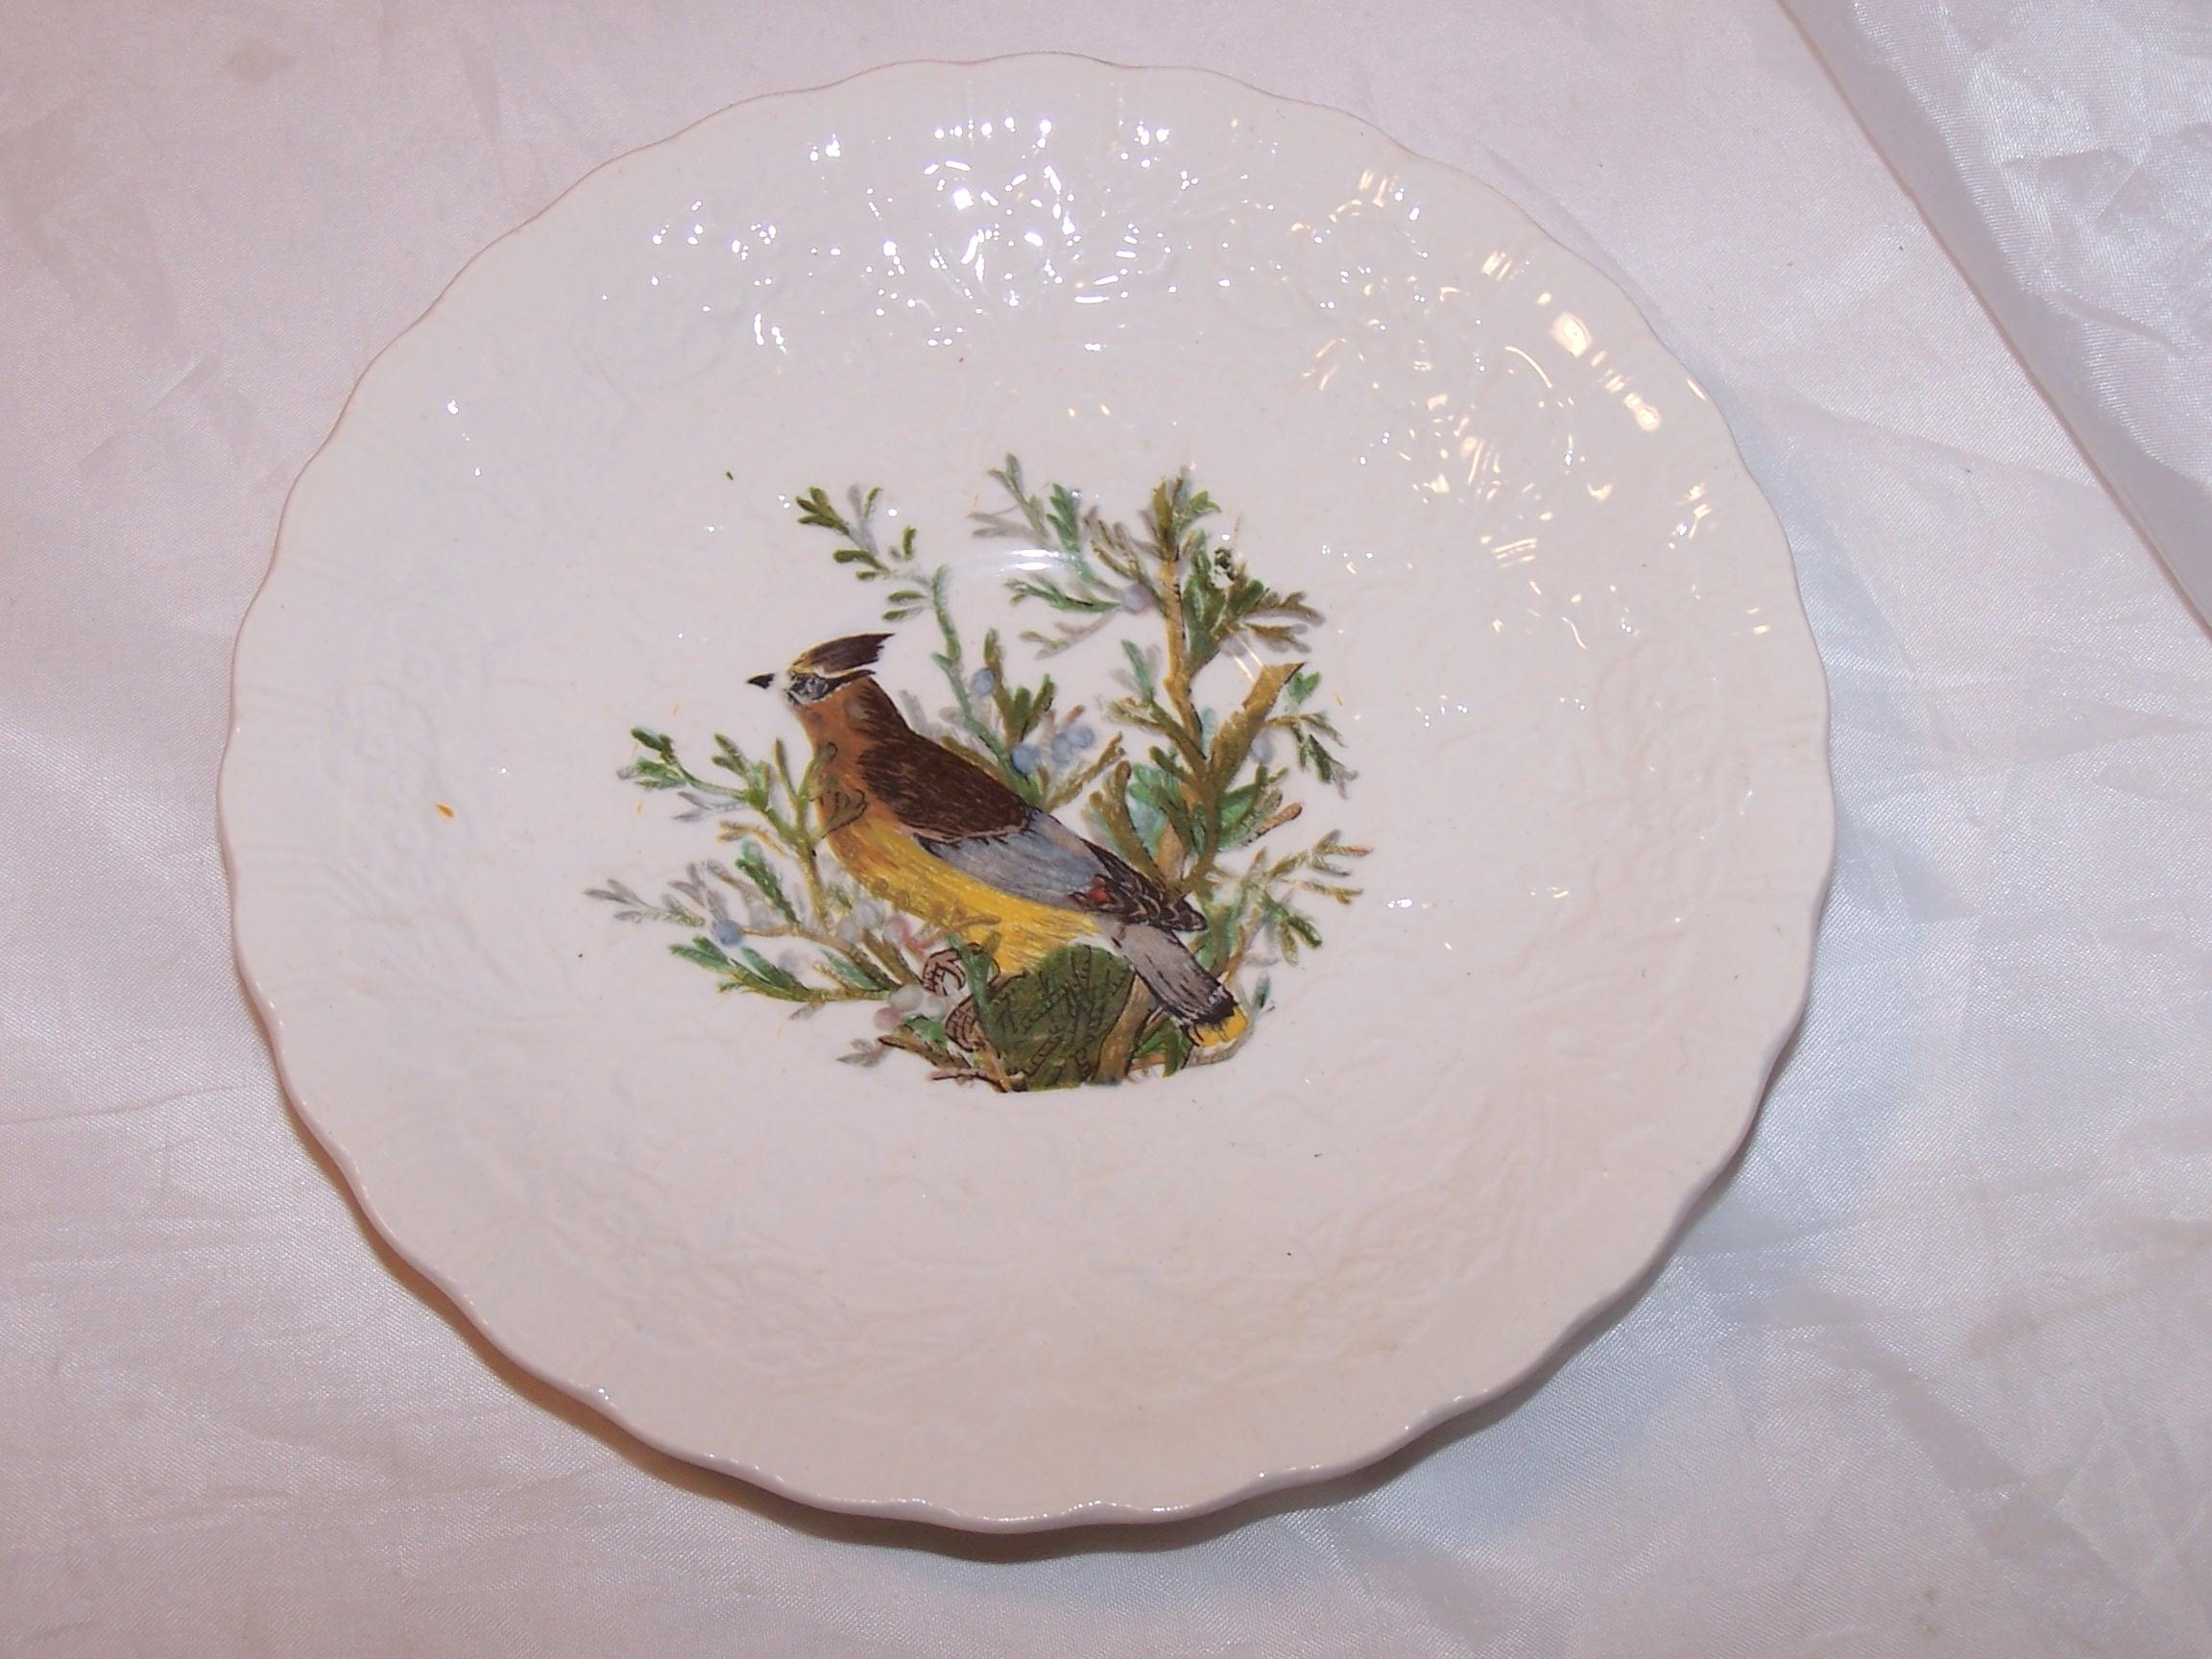 Cedar Bird, Plate 43